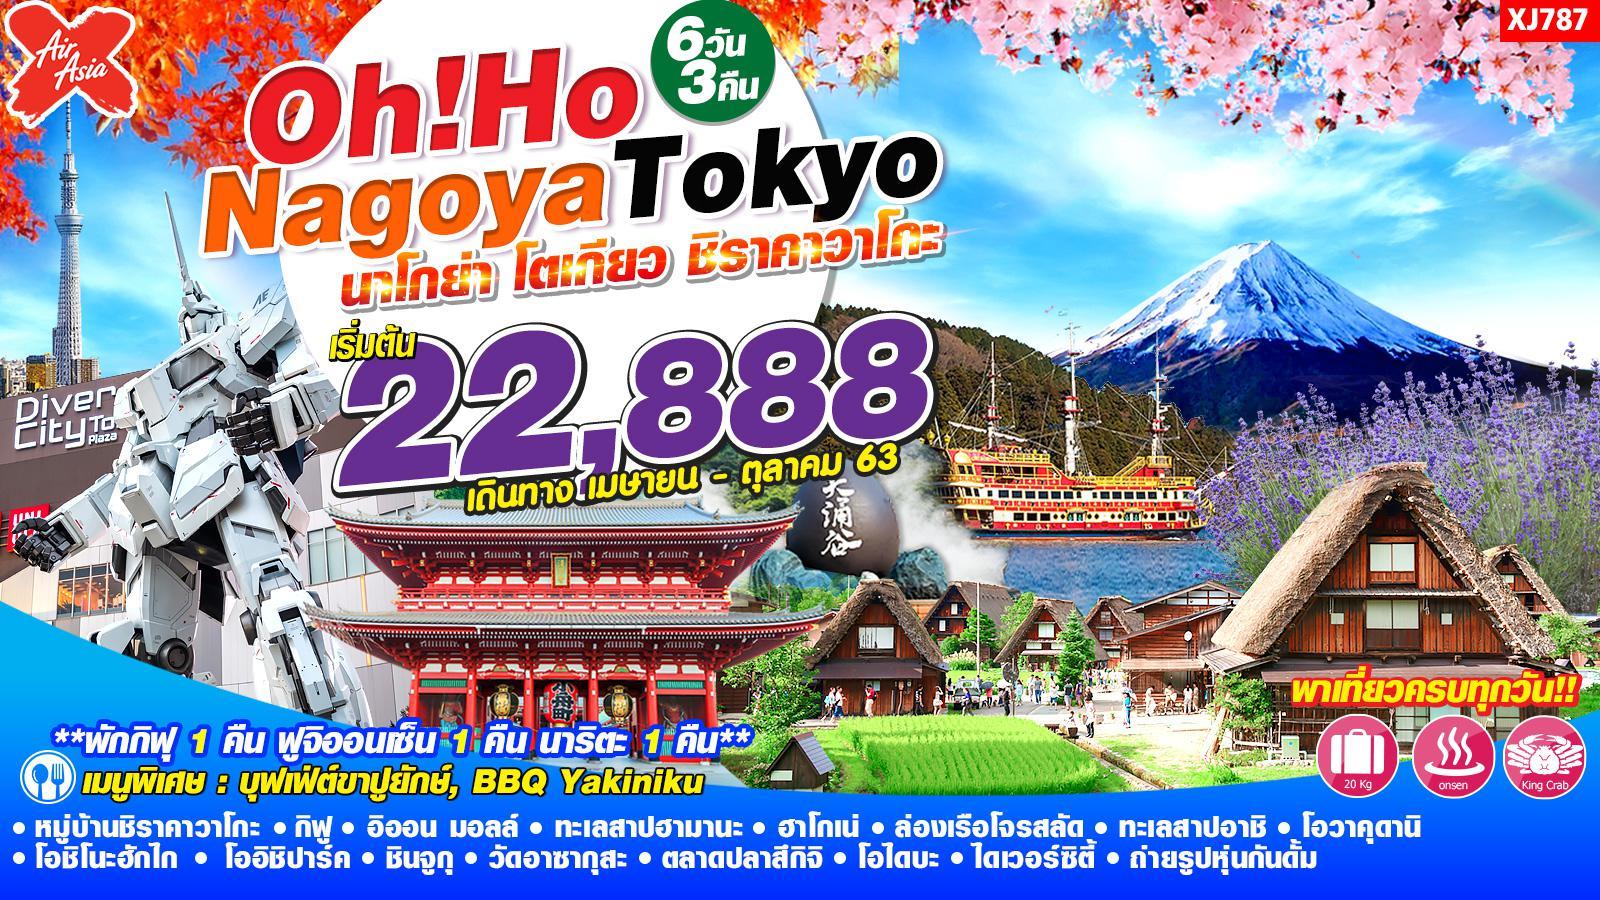 ทัวร์ญี่ปุ่น Oh! Ho… นาโกย่า โตเกียว 6D3N